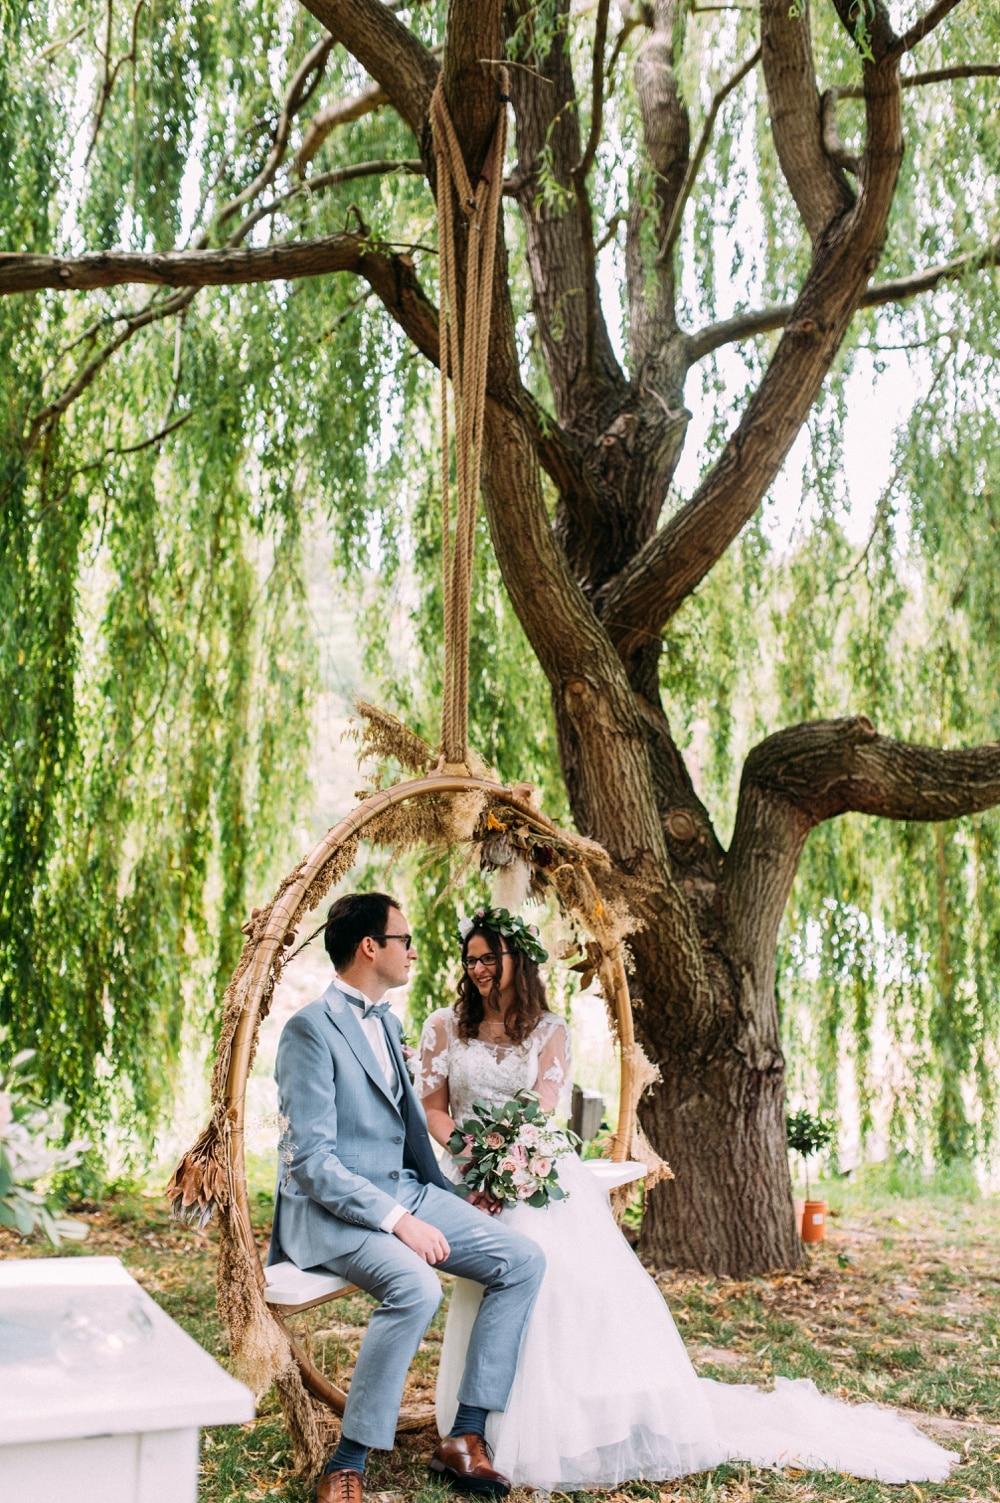 Brautpaar sitzt bei ihrer freien Trauung unter einem Baum auf einer Schaukel und lacht